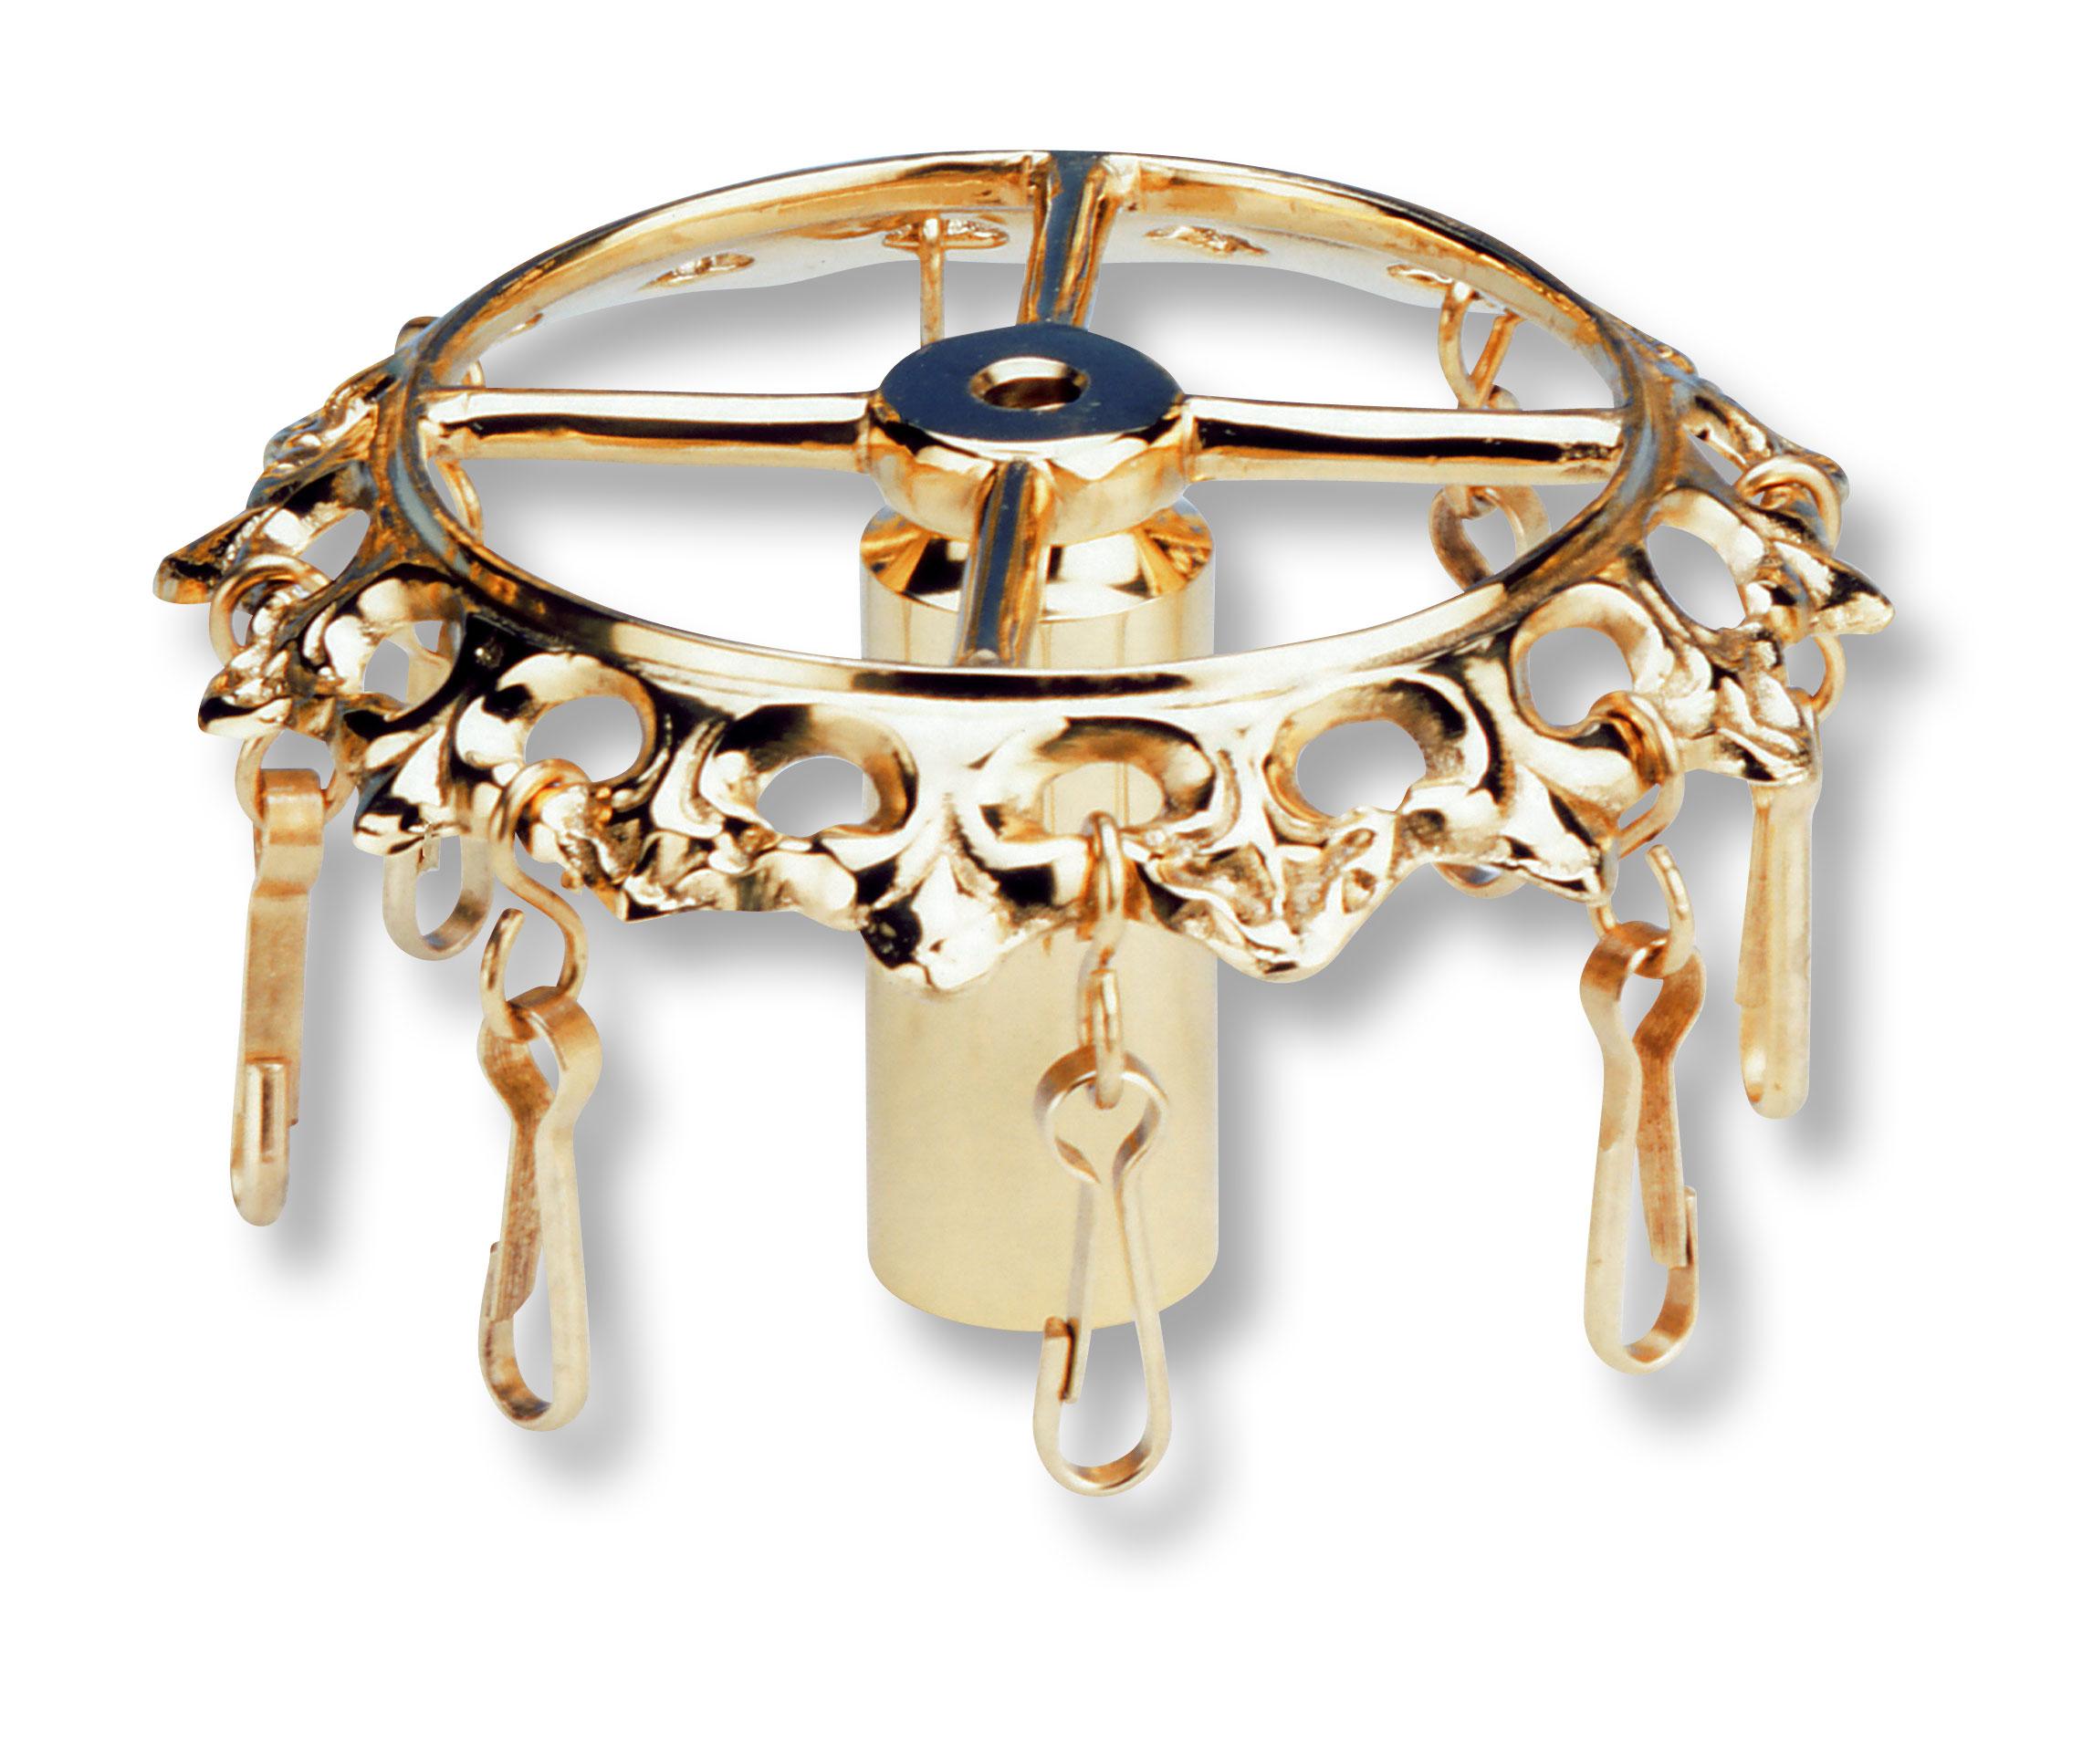 Bänderring rund in barock verzierter Form mit 8 Karabinerhaken zum Einhängen der Fahnenbänder.